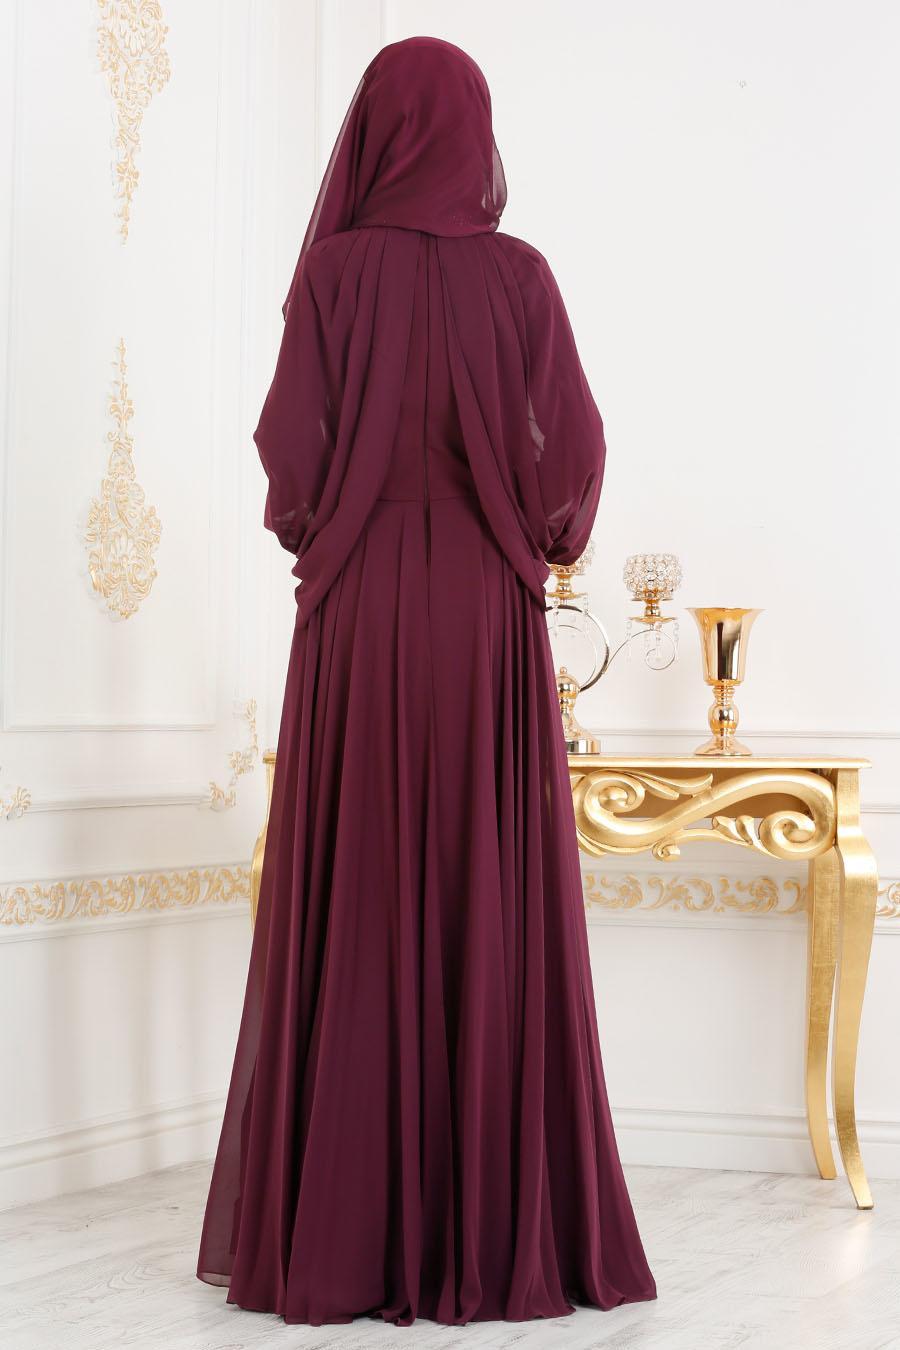 Tesettürlü Abiye Elbise - Boncuk Detaylı Mürdüm Tesettür Abiye Elbise 46230MU